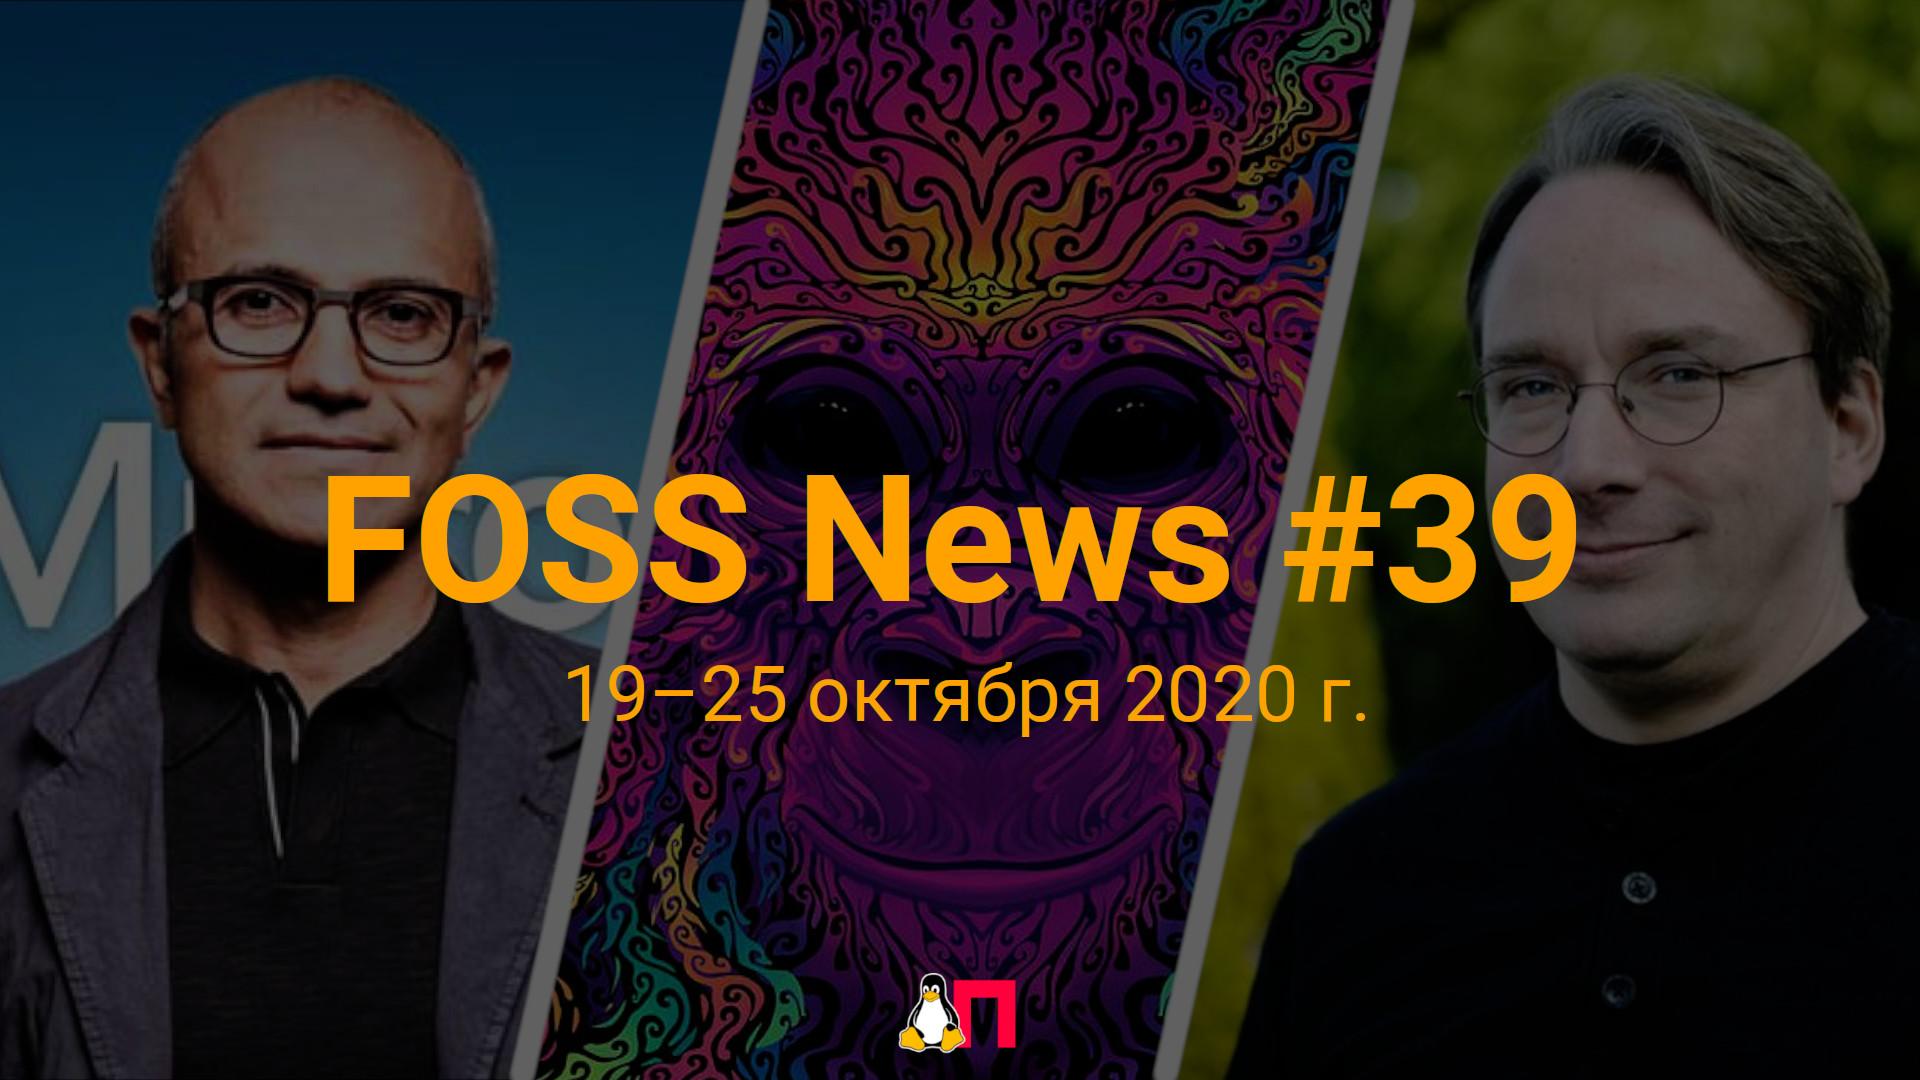 FOSS News 39  дайджест новостей и других материалов о свободном и открытом ПО за 1925 октября 2020 года